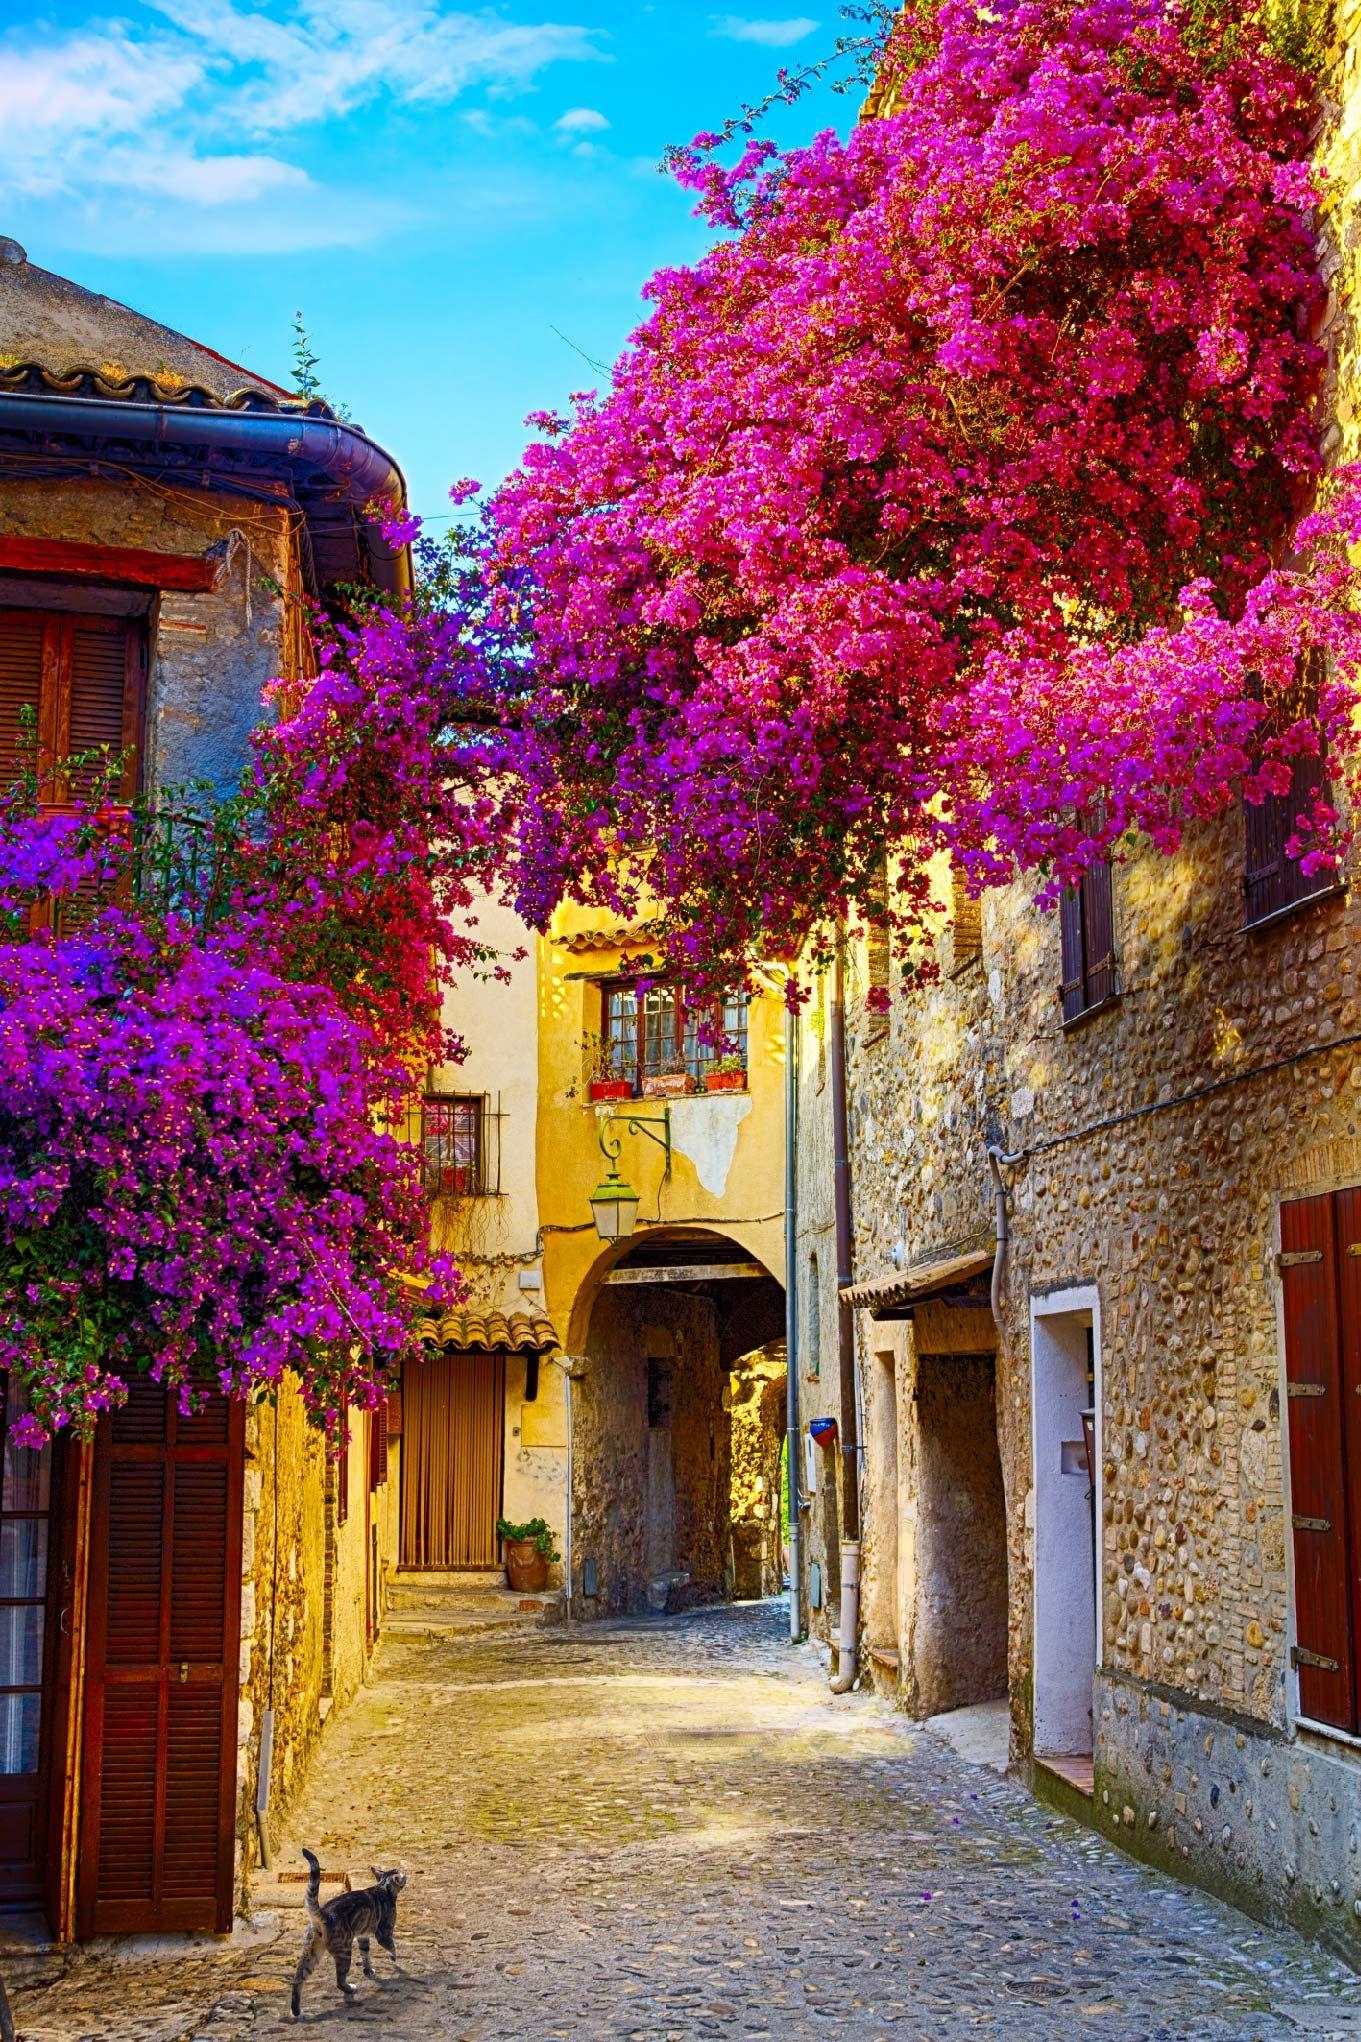 Papel mural old town of Provence, calles floreadas